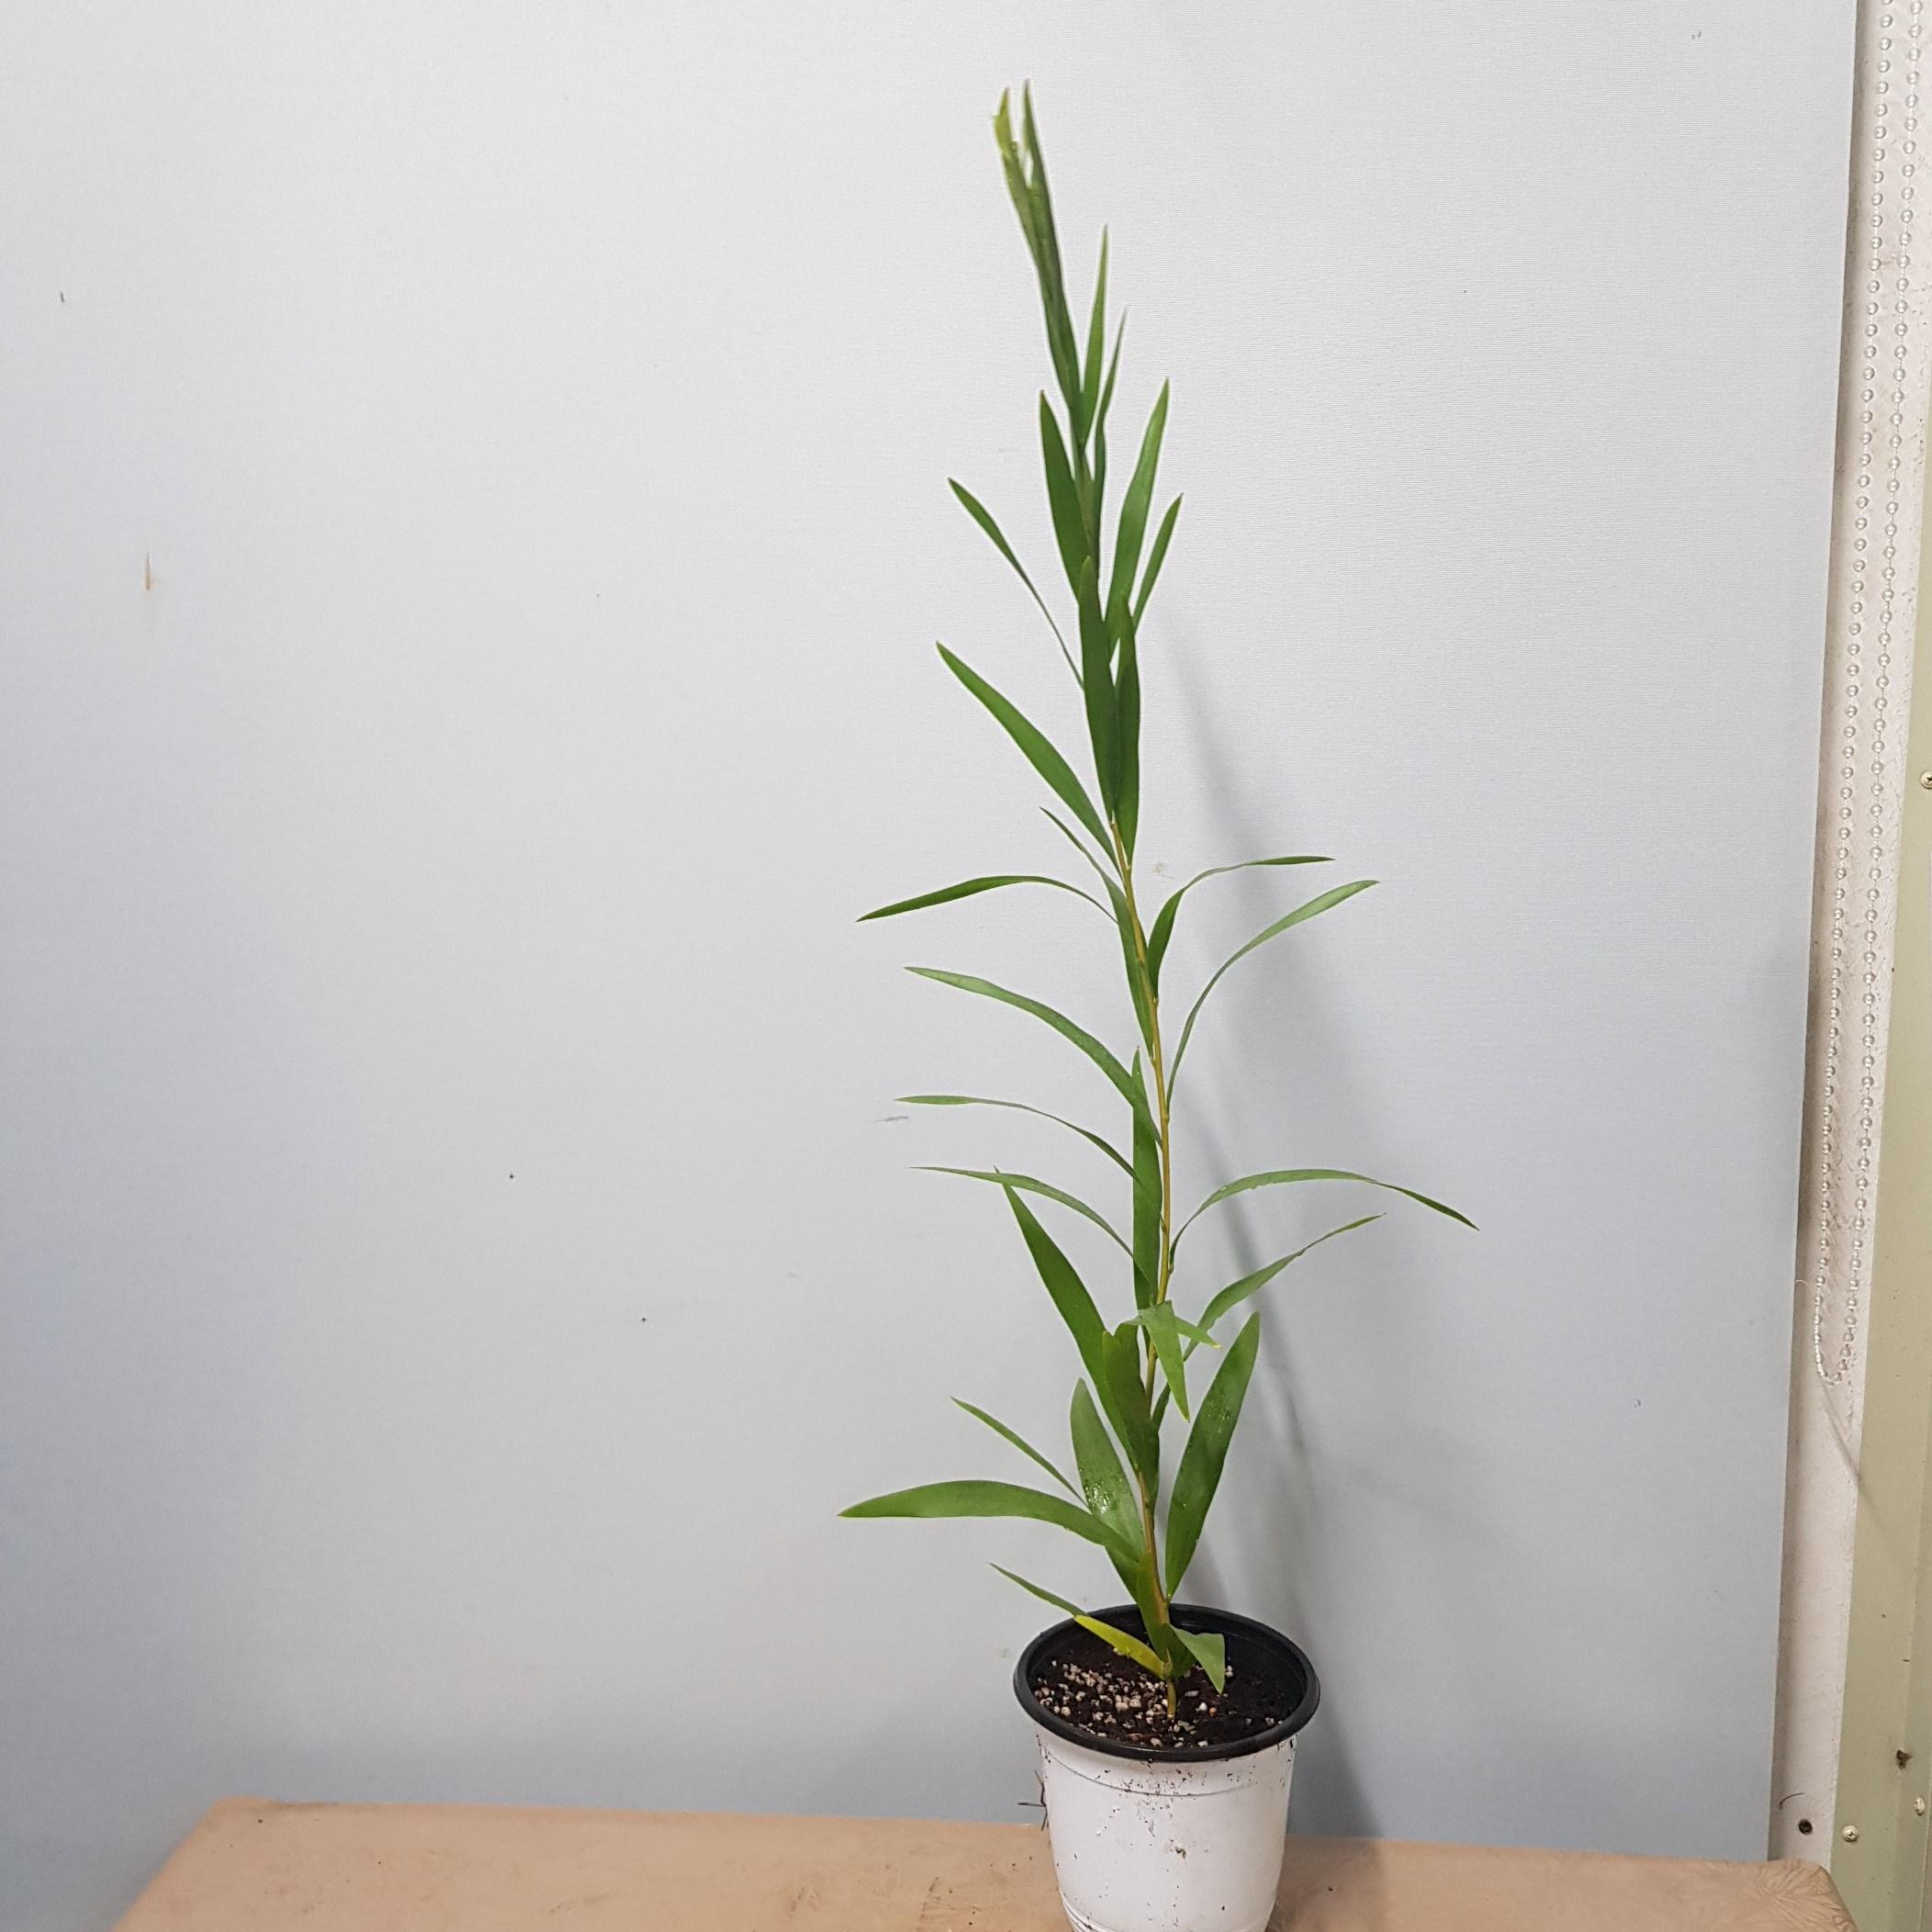 콩플라워 긴잎아카시아